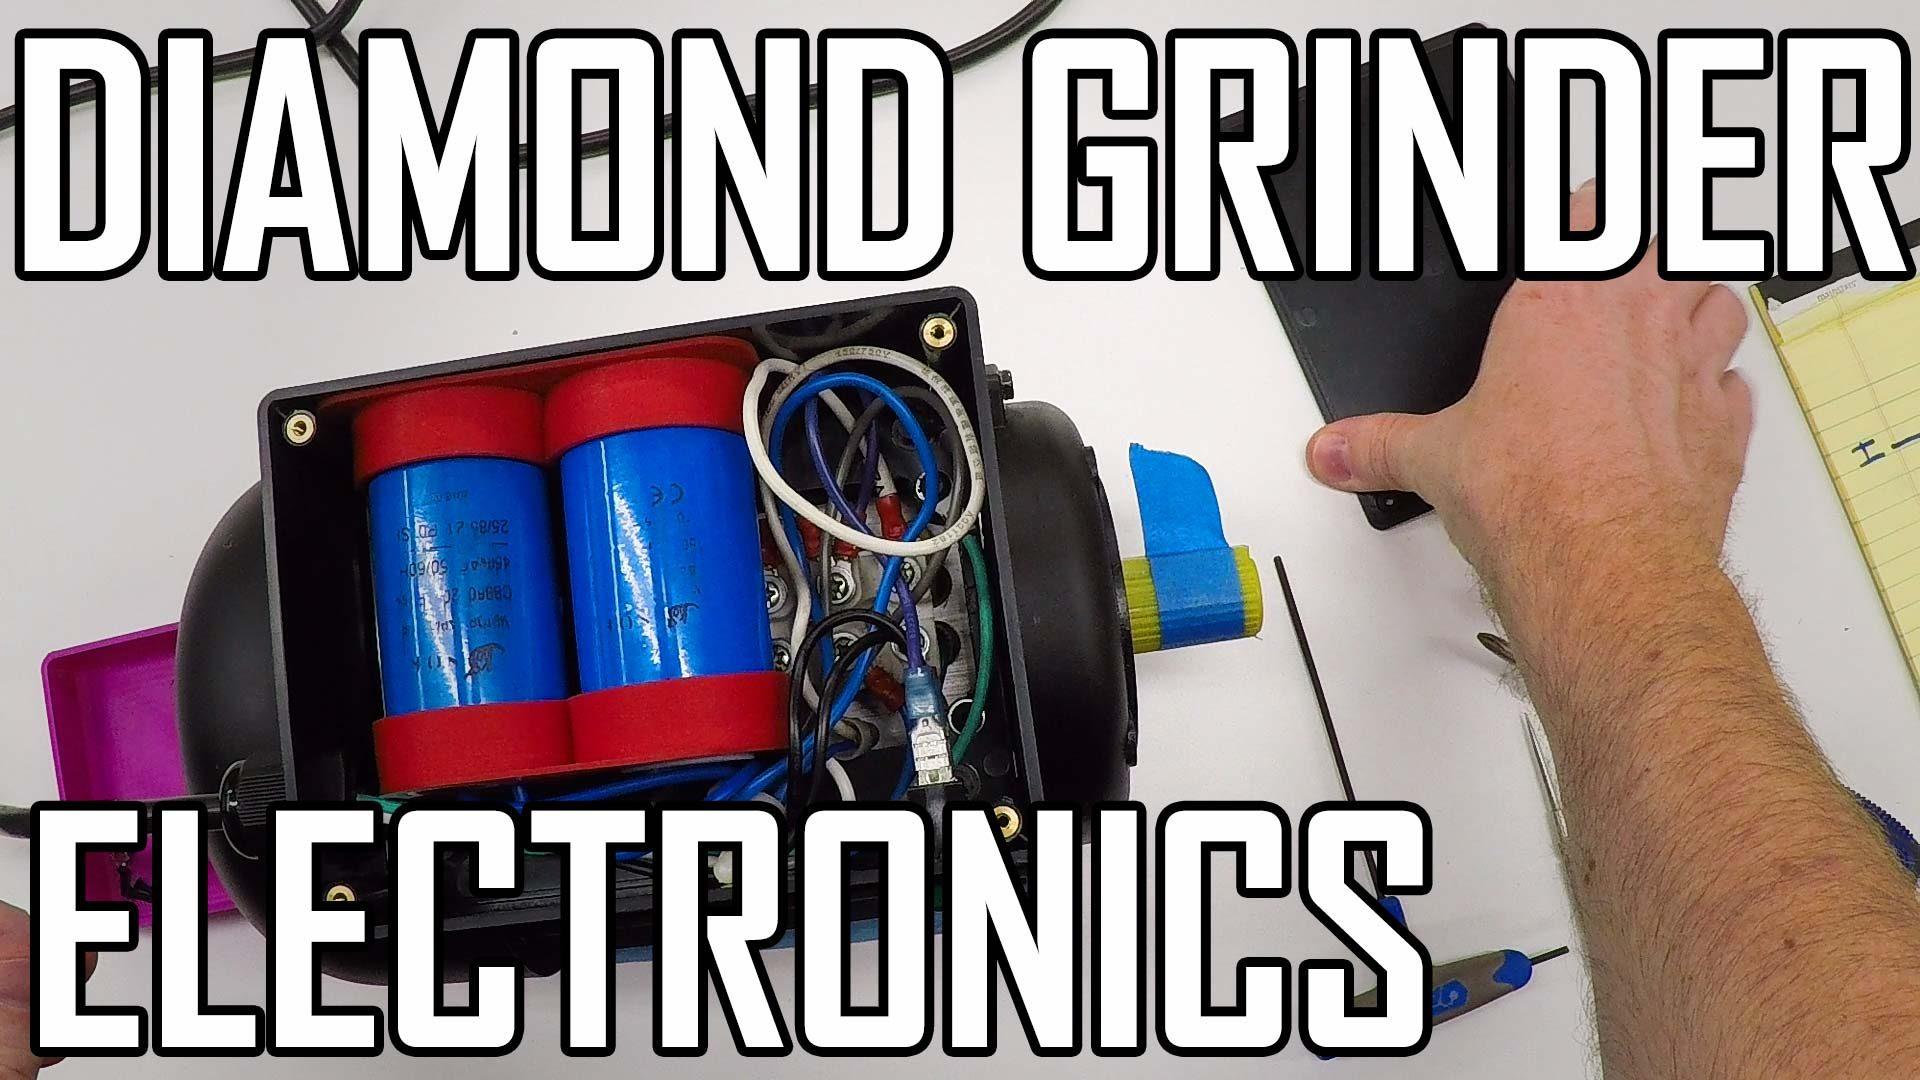 Diamond Grinder Part 2: Building the Electronics Enclosure